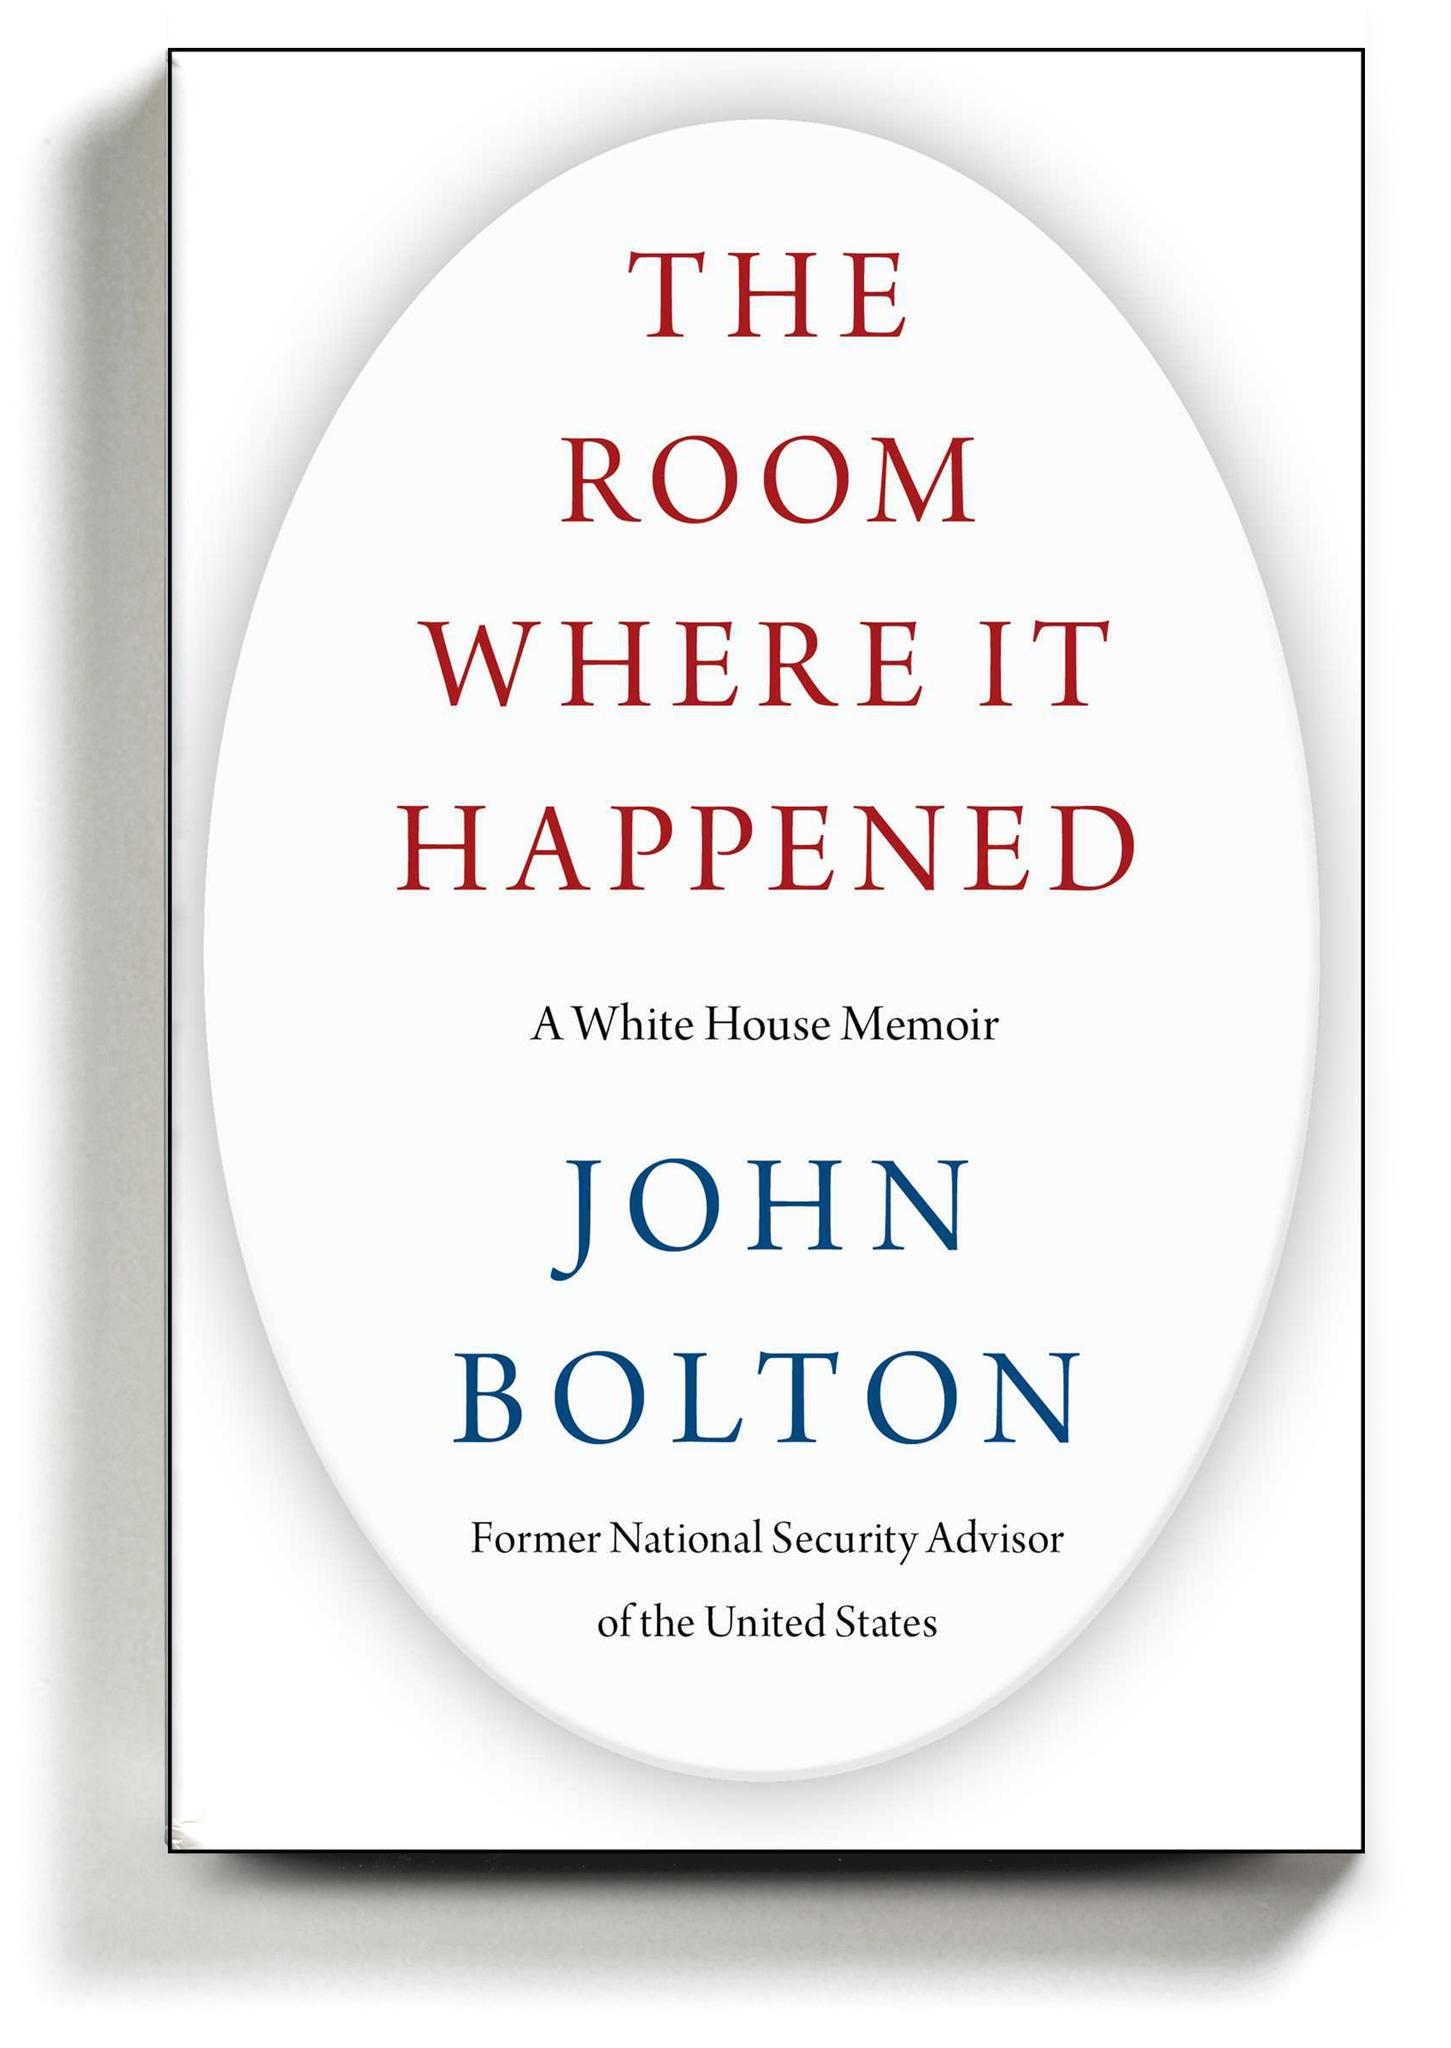 博尔顿的书将于6月23日出版 (图源:Googlereads)